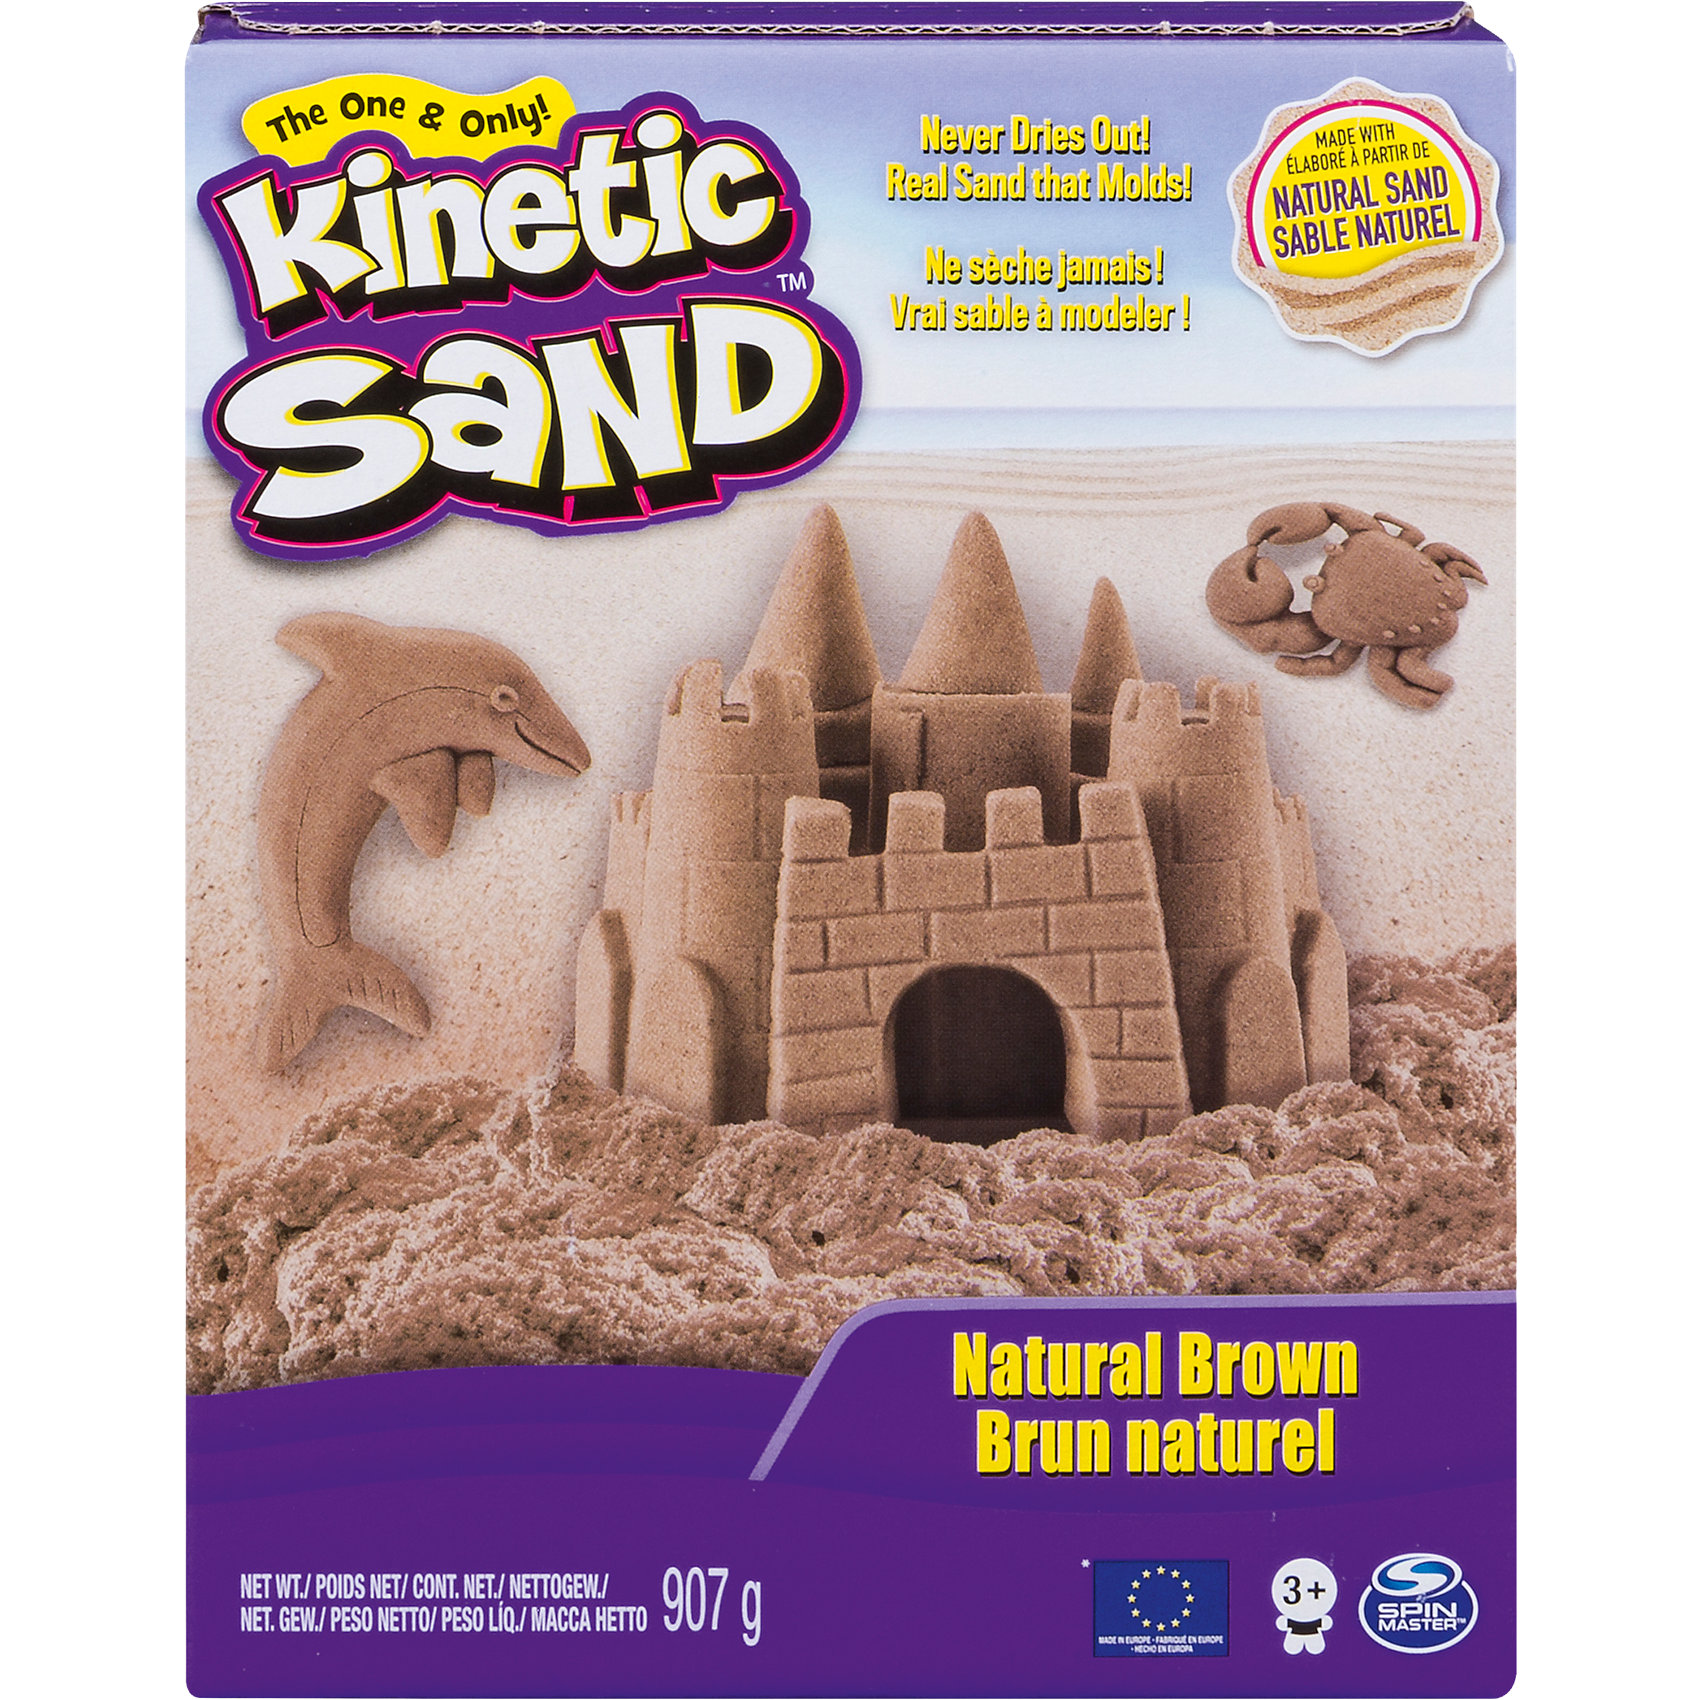 Песок для лепки коричневый, 910 гр. Kinetic sandКинетический песок<br>Песок для лепки Kinetic Sand  - уникальный материал для детского творчества. Kinetic Sand представляет собой смесь чистейшего кварцевого песка (98%) и специального связующего агента (2%). По консистенции он напоминает влажный морской песок, рыхлый, течет сквозь пальцы, в то же время оставаясь сухим. За счет специального безопасного реагента песочная смесь никогда не распадается на отдельные песчинки. Кинетический песок абсолютно нетоксичен, не вызывает аллергии, в нем не заводятся бактерии и микробы. <br><br>Благодаря своим уникальным свойствам, кинетический песок предоставляет большие возможности для творчества. Из него можно лепить разнообразные фигуры, фантастические замки и необычные конструкции. С помощью обыкновенных формочек для пластилина или печенья можно вылепить что угодно, создавая целые композиции. Песок легко принимает нужную форму и становится плотным при лепке. Kinetic Sand не сохнет, легко собирается с поверхности и играть с ним можно снова и снова.<br><br>Игры с кинетическим песком развивают мелкую моторику, чувственное восприятие и креативность, прекрасно снимают стресс и обладает терапевтическим эффектом. <br><br>Дополнительная информация:<br><br>- Комплект: кинетический песок (910 гр.).<br>- Цвет: коричневый.<br>- Состав песка: 98% кварцевого песка, 2%  связующего агента.<br>- Размер упаковки: 19,5 х 6,5 х 11 см.<br>- Вес с упаковкой: 0,985 кг.<br><br>Песок для лепки Kinetic Sand можно купить в нашем интернет-магазине.<br><br>Ширина мм: 196<br>Глубина мм: 104<br>Высота мм: 66<br>Вес г: 973<br>Возраст от месяцев: 36<br>Возраст до месяцев: 72<br>Пол: Унисекс<br>Возраст: Детский<br>SKU: 3746039